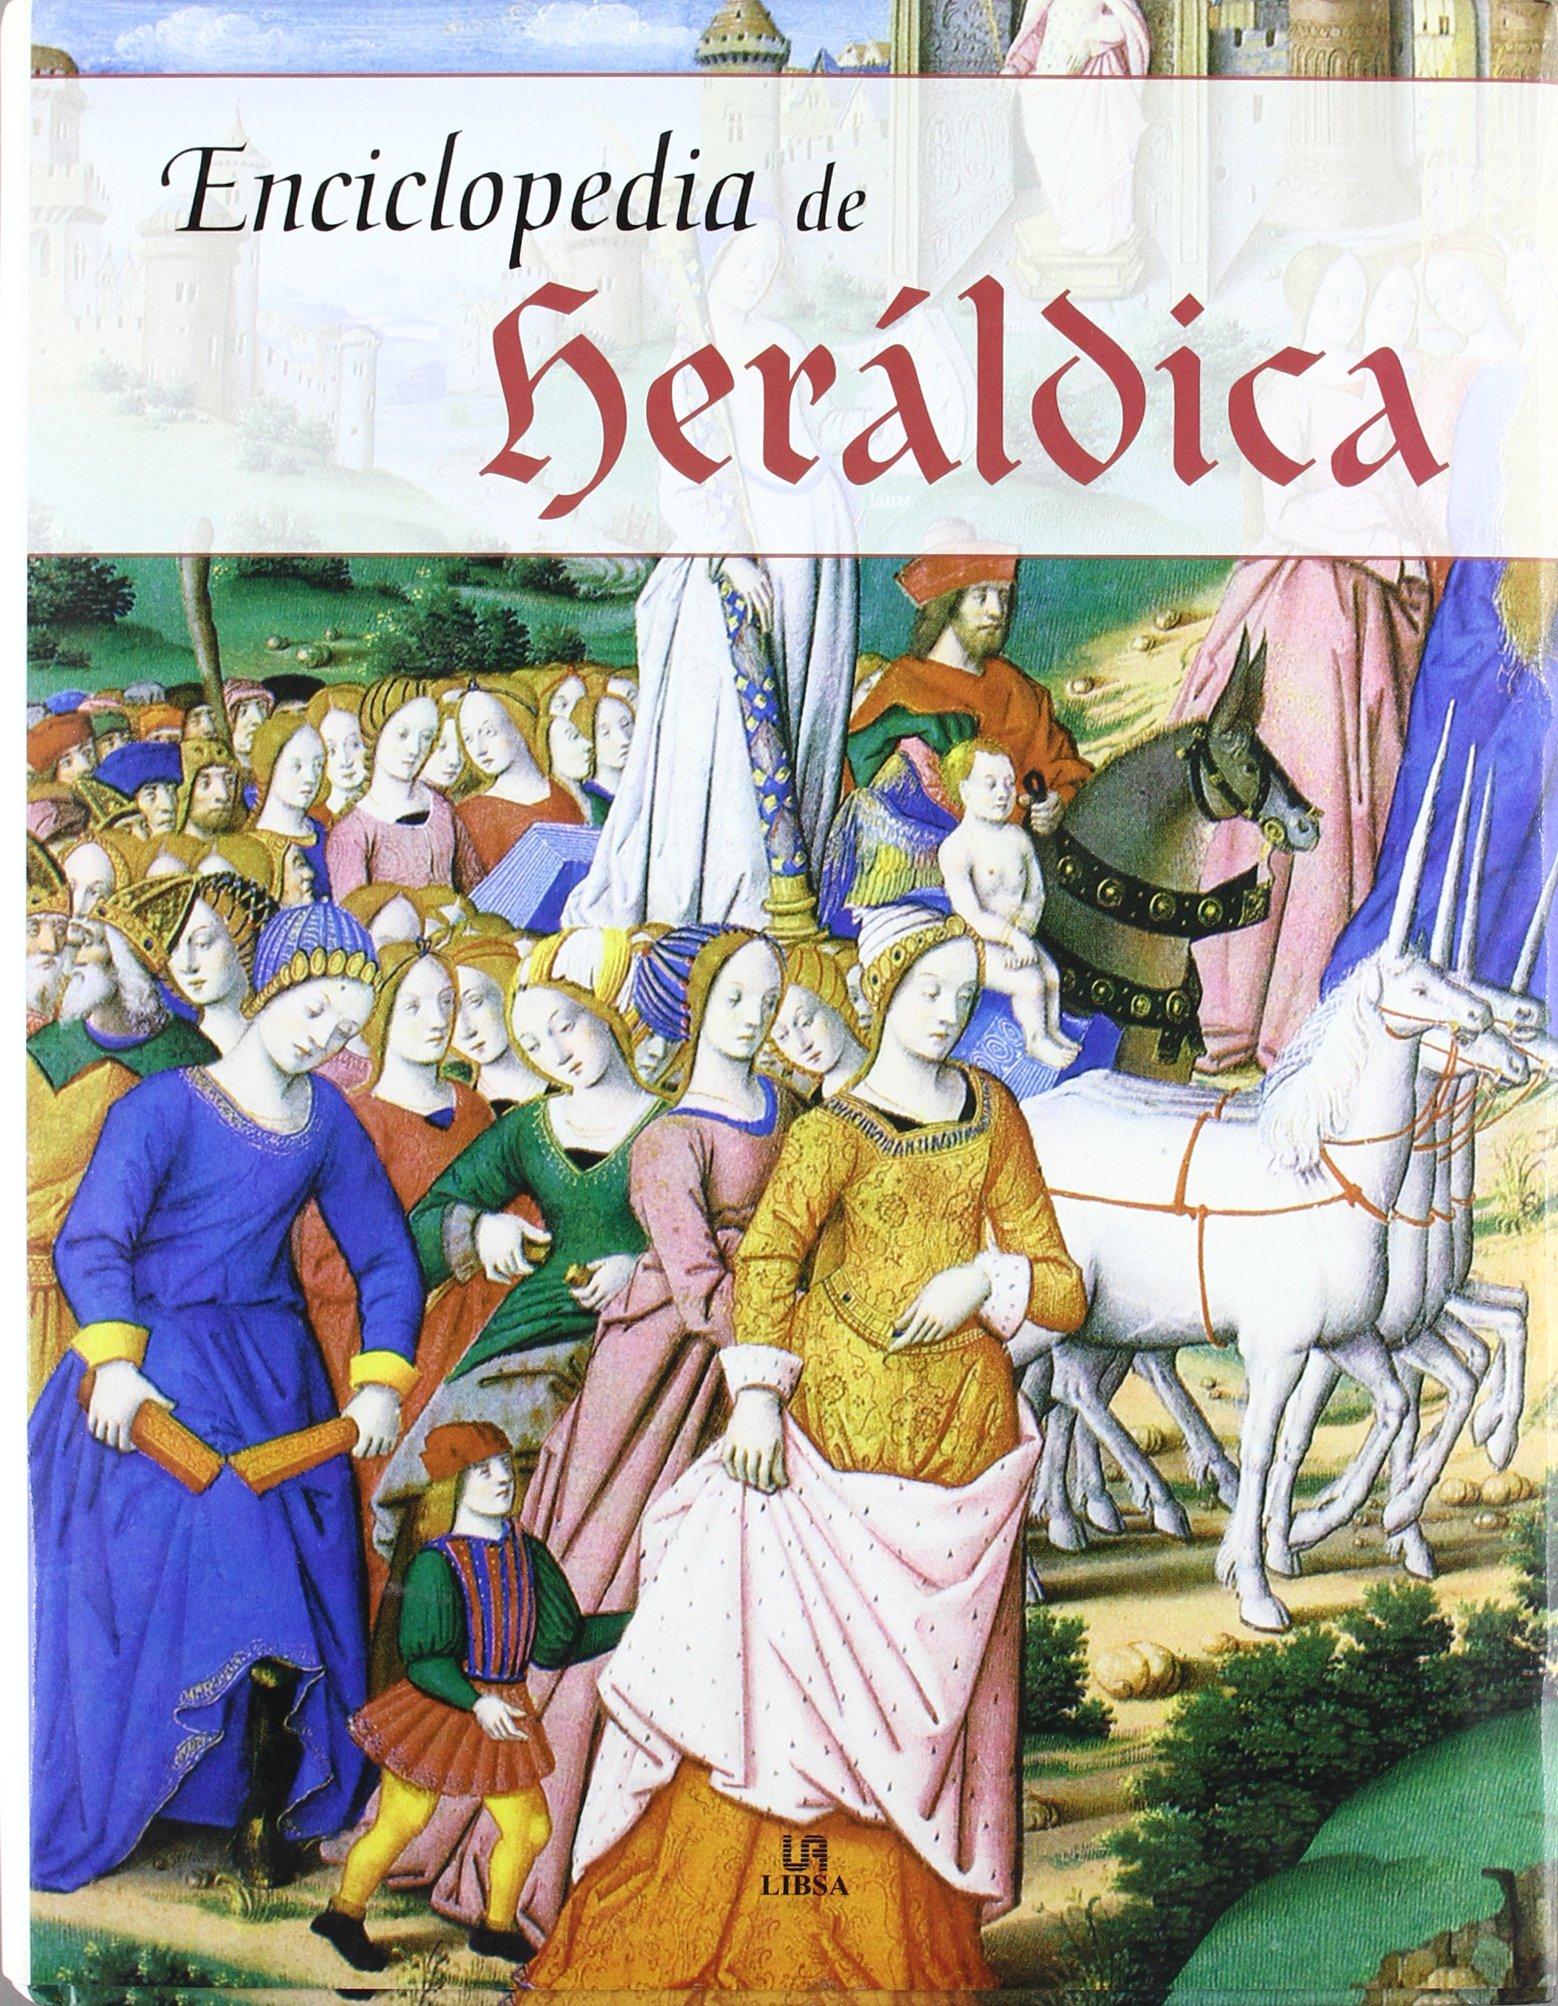 Enciclopedia de Heráldica (Cultura): Amazon.es: Grixalba, Carlos: Libros